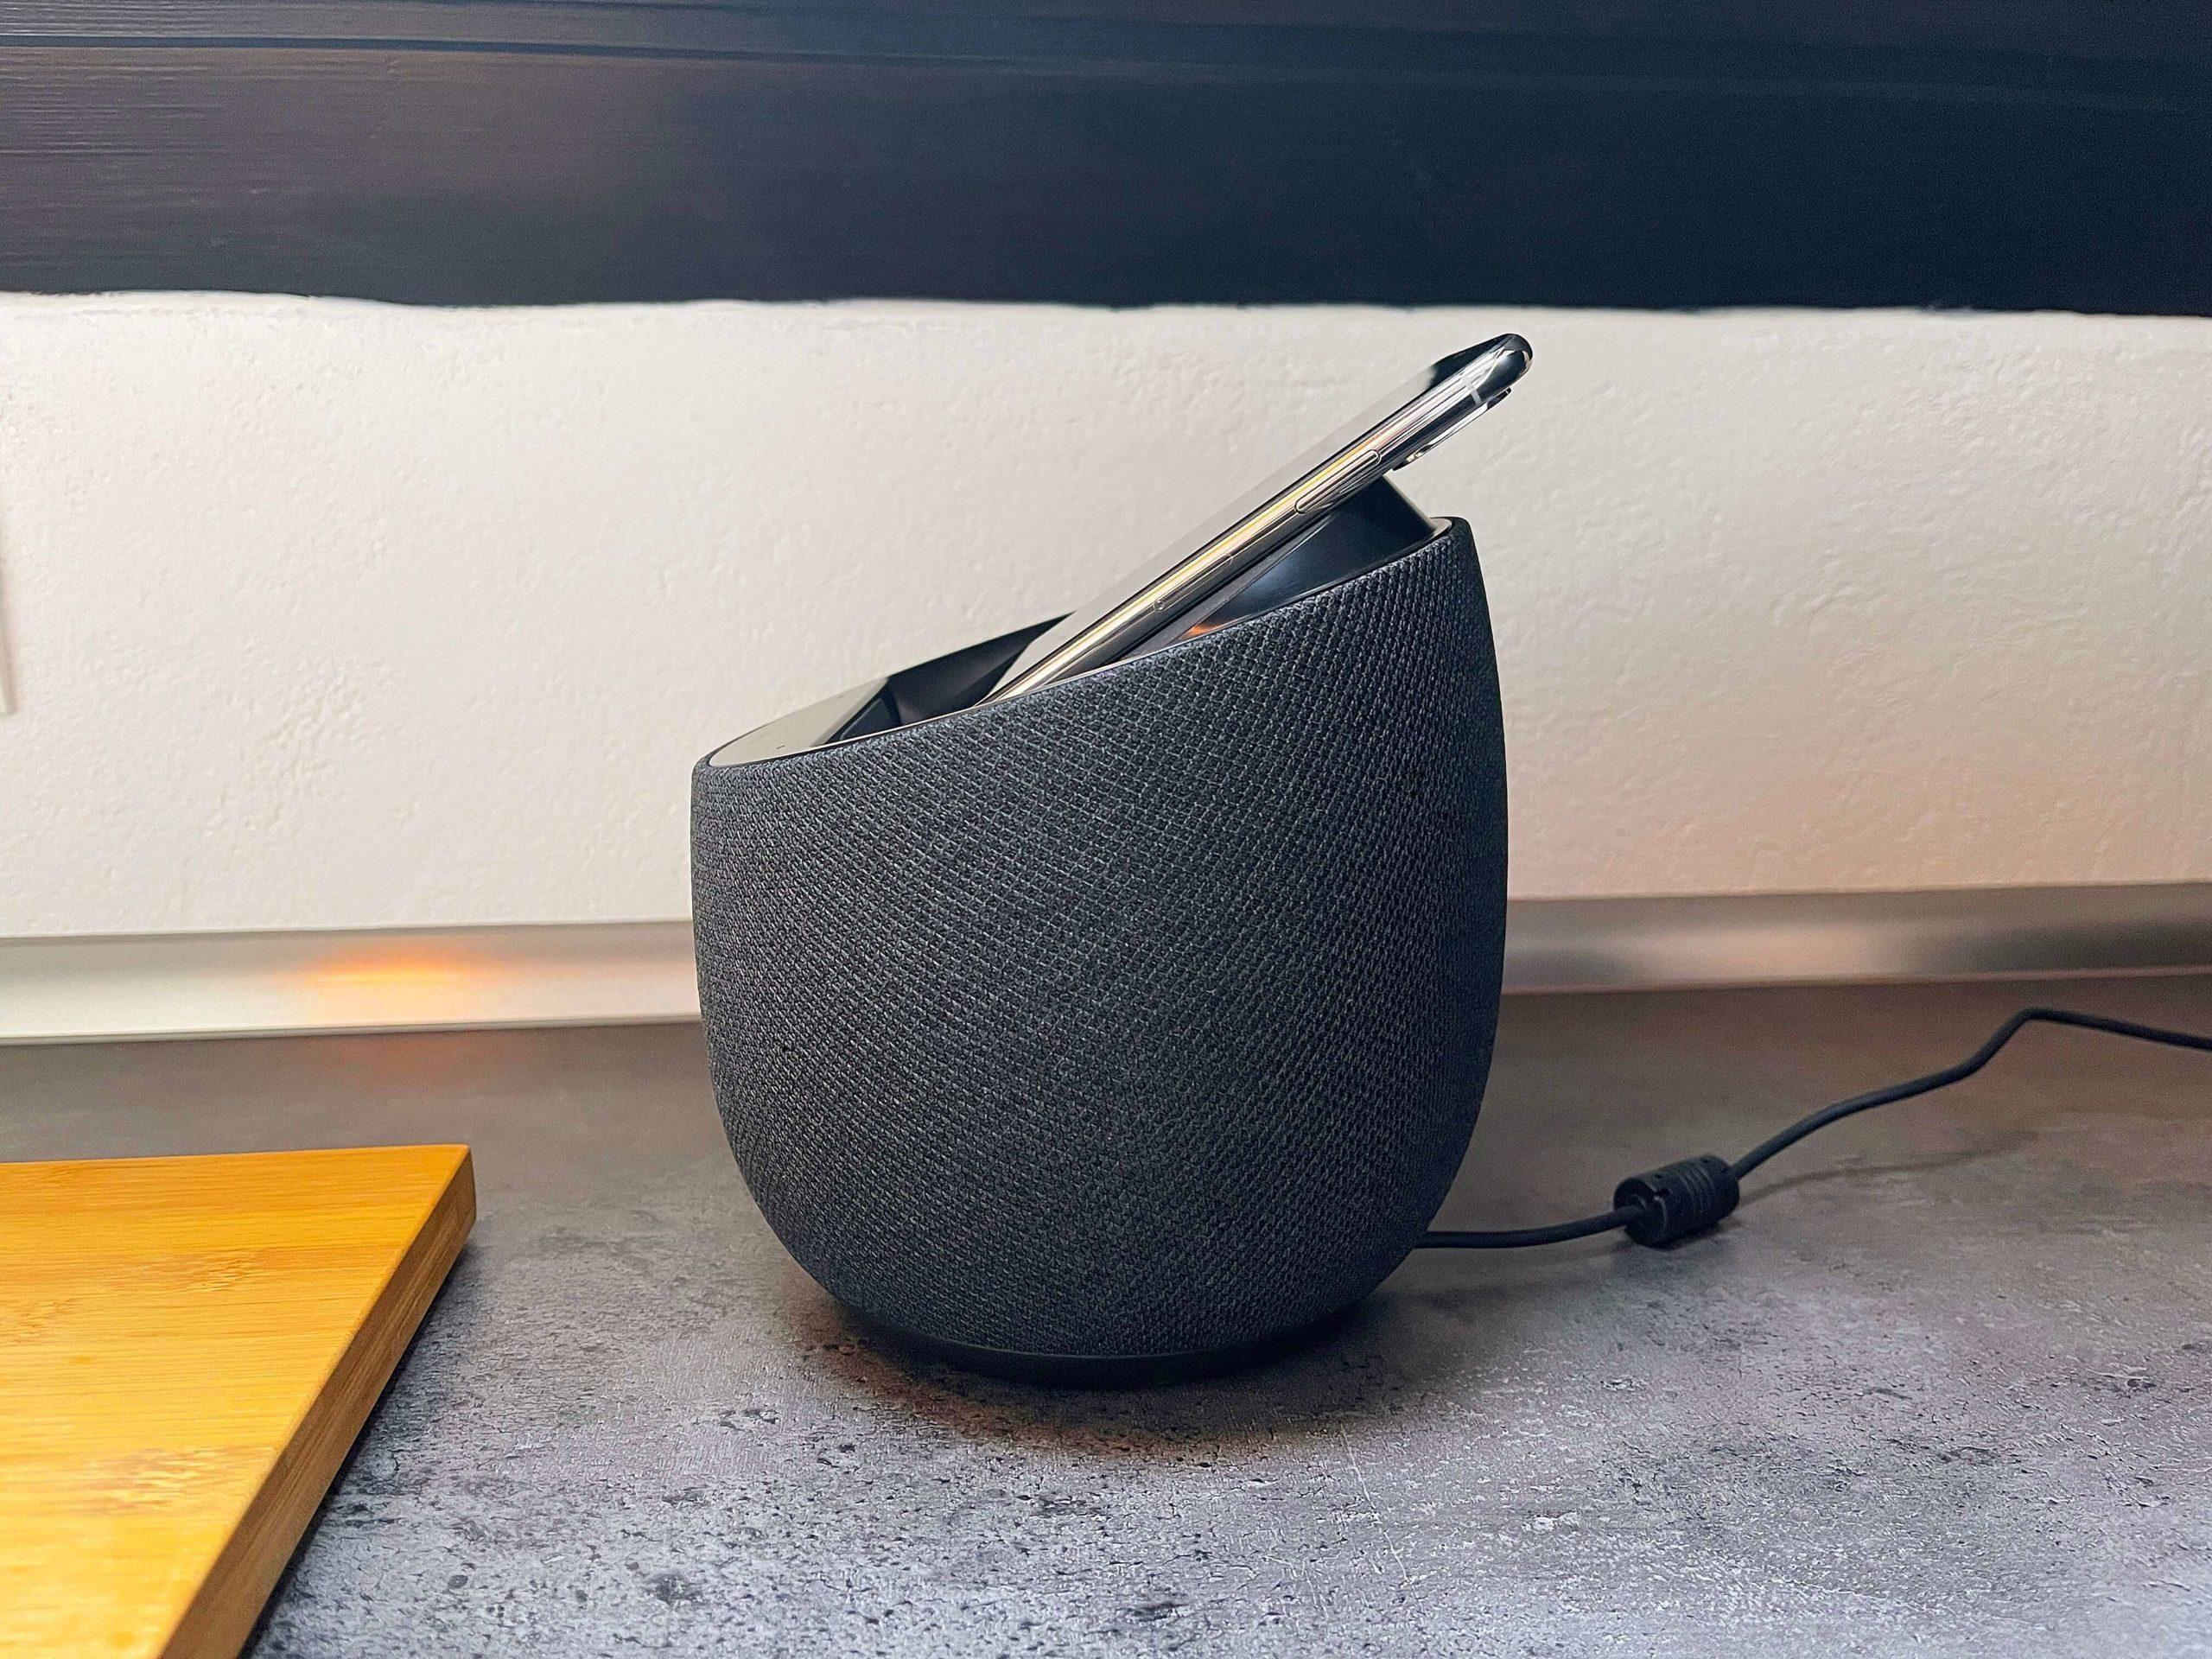 SoundForm-Elite-von-Belkin-AirPlay-2-Lautsprecher-mit-drahtlosem-Ladepunkt4-scaled SoundForm Elite von Belkin - AirPlay 2 Lautsprecher mit drahtlosem Ladepunkt